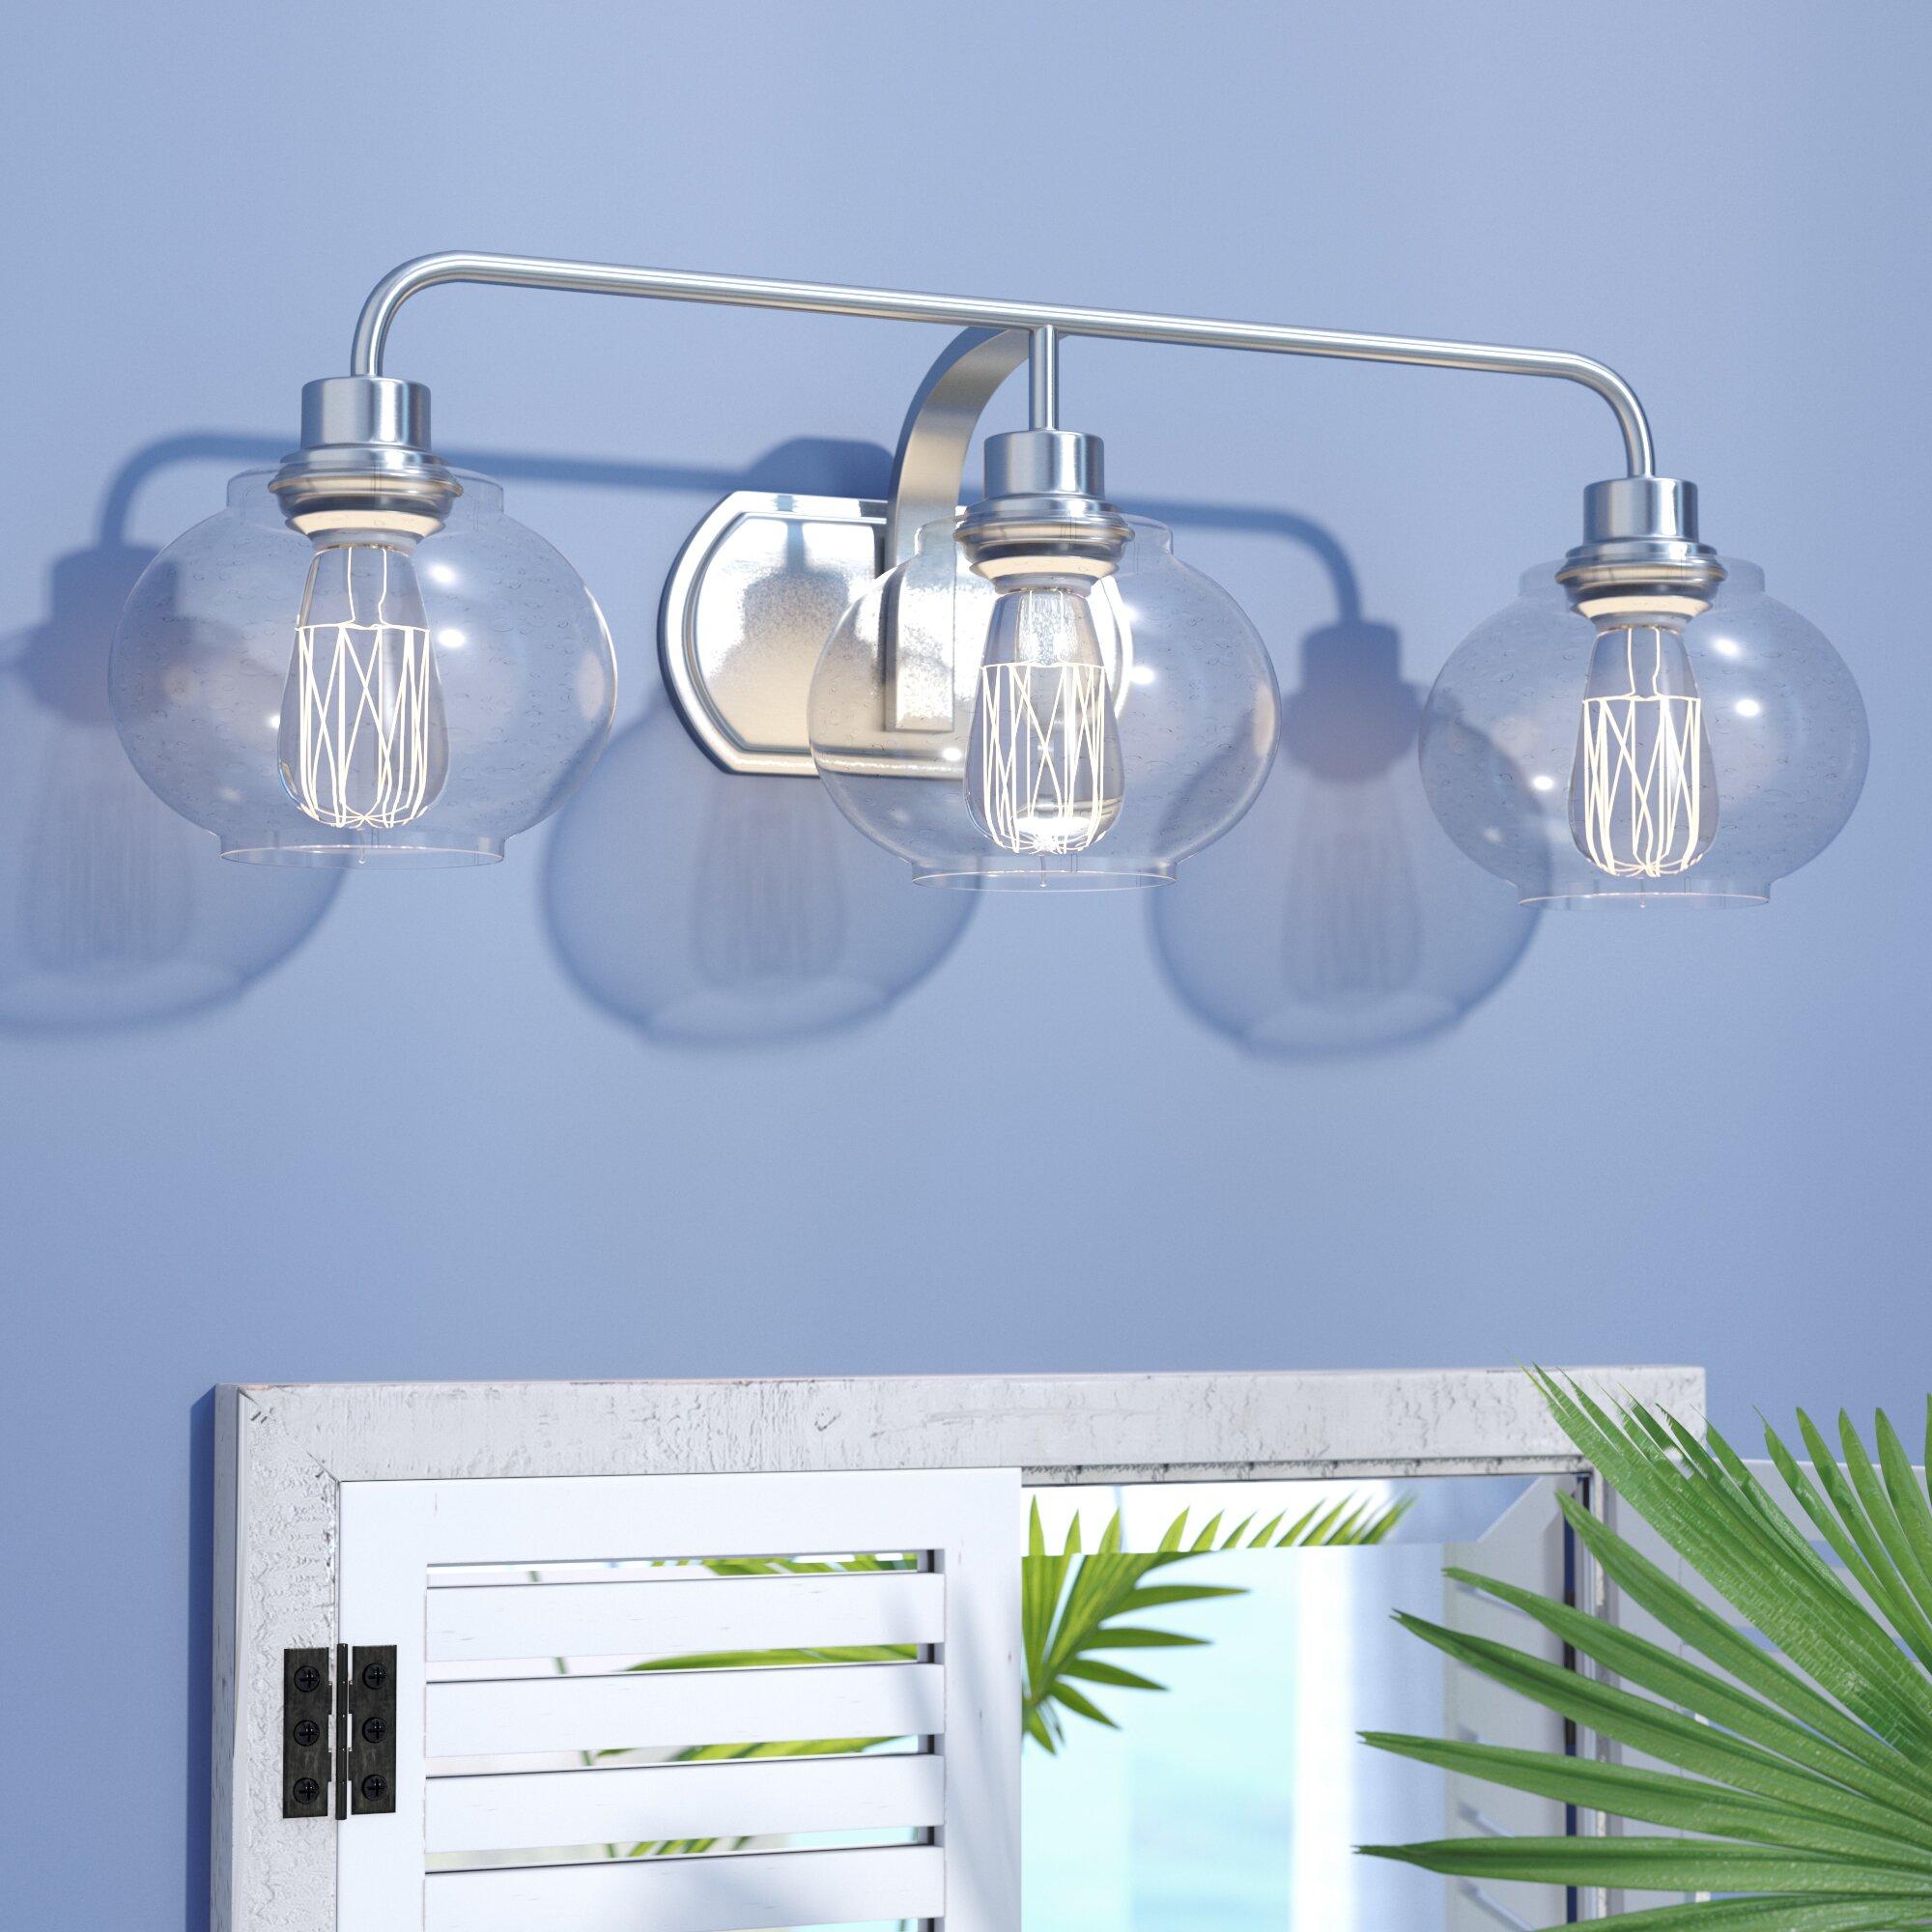 Beachcrest Home Gotha 3 Light Vanity Light Reviews: Breakwater Bay Branchview 3-Light Vanity Light & Reviews